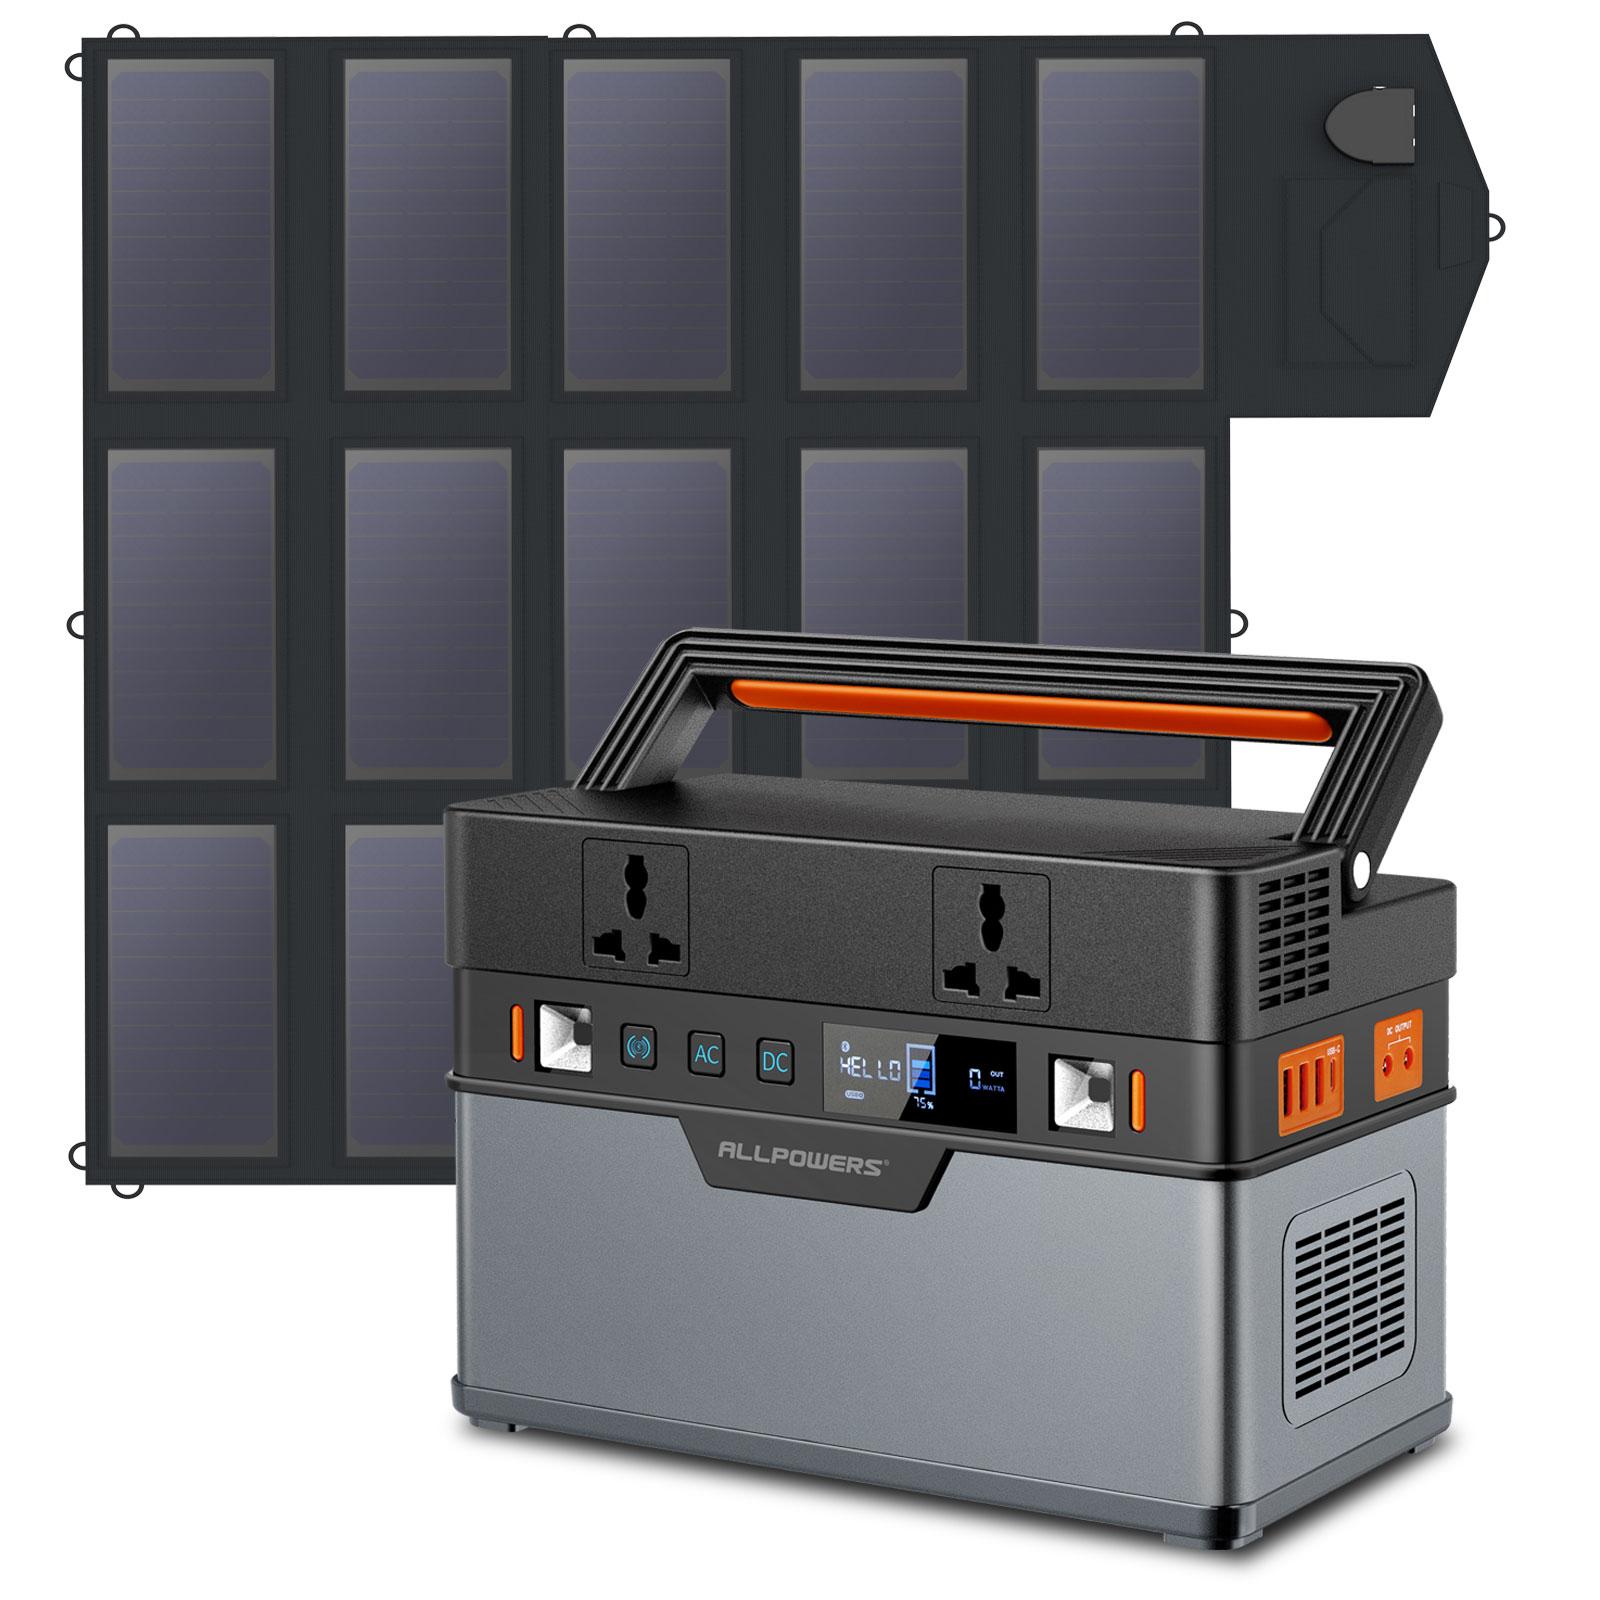 ALLPOWERS-estación de energía portátil para exteriores, generador Solar con panel Solar plegable de 18V100W, 110V/220V, 606Wh, para vacaciones, RV, Camping